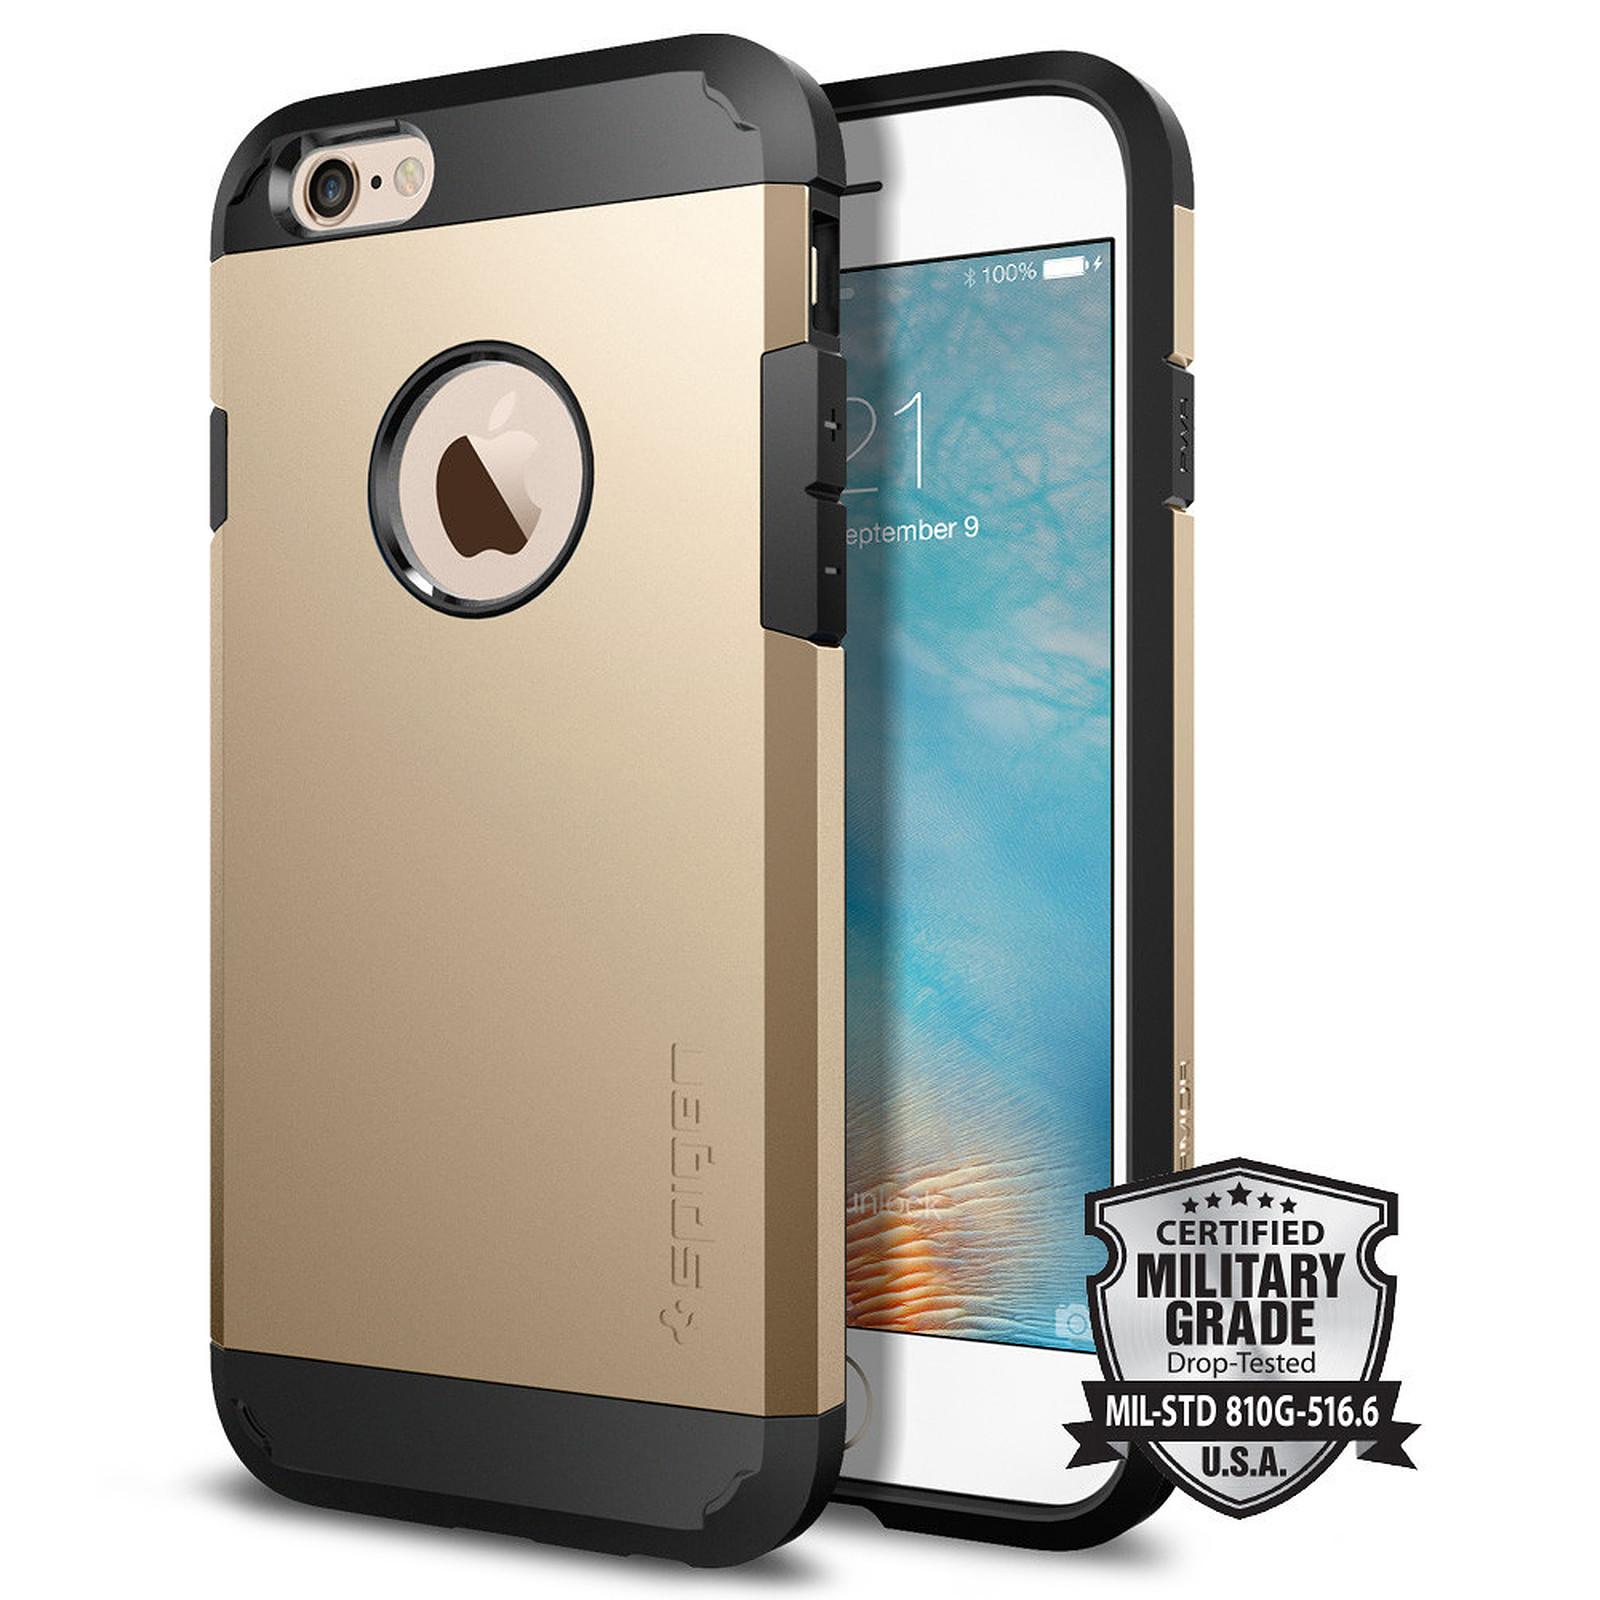 Spigen Case Tough Armor Champagne Gold iPhone 6/6s